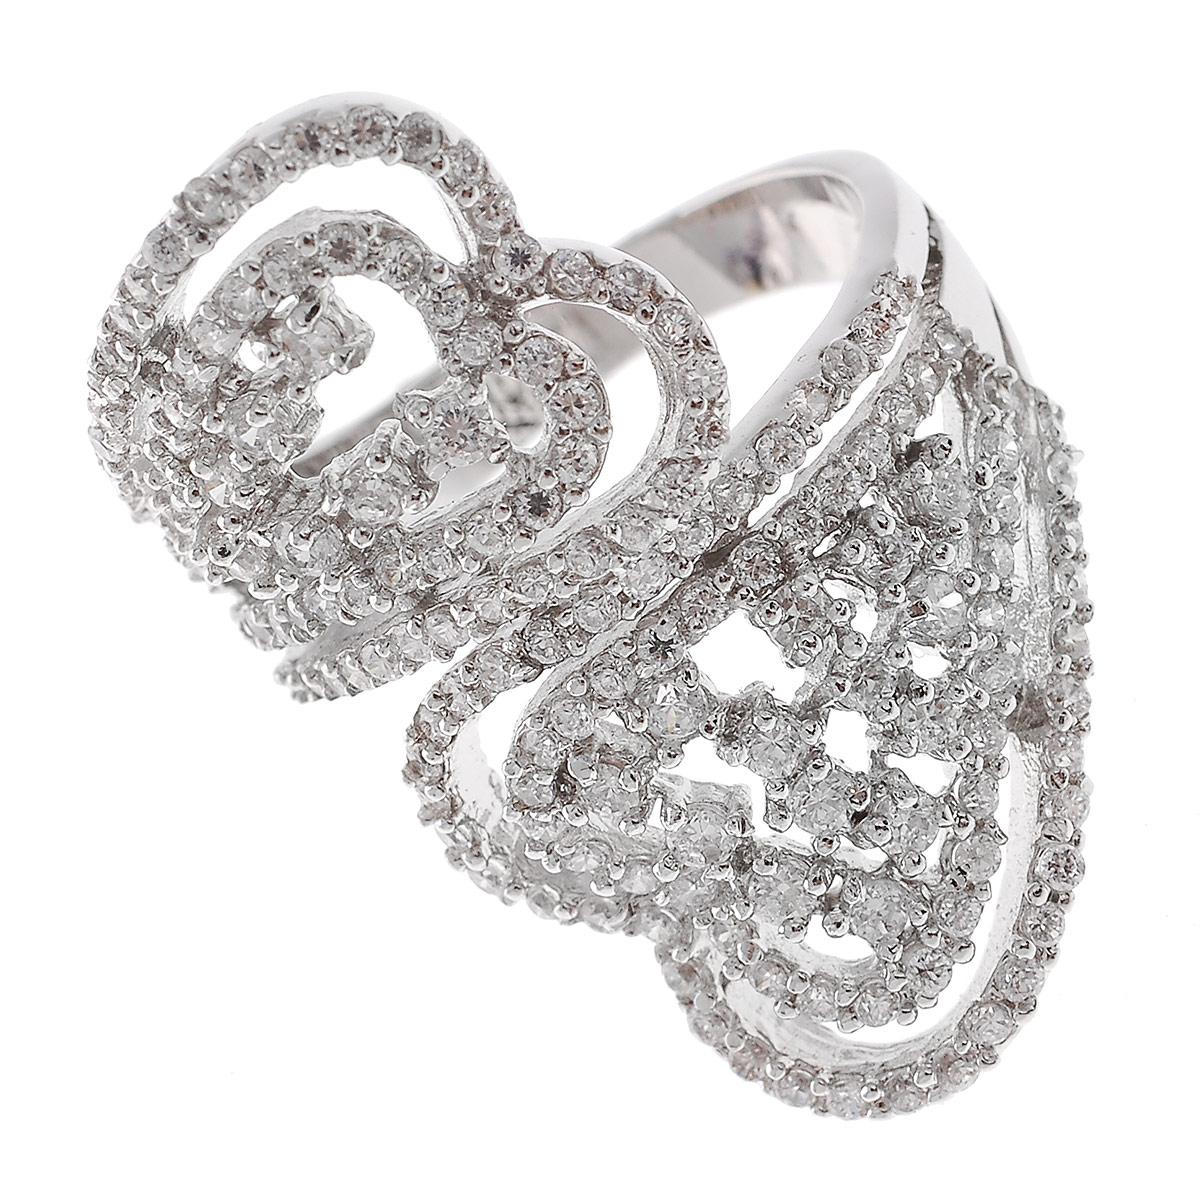 Кольцо Lovely Jewelry, цвет: серебристый. Размер 17. КС1002КС1002Оригинальное кольцо Lovely Jewelry выполнено из металла с гальваническим покрытием родием и оформлено цирконами. Такое кольцо позволит вам с легкостью воплотить самую смелую фантазию и создать собственный, неповторимый образ. Кольцо упаковано в бархатный мешочек.